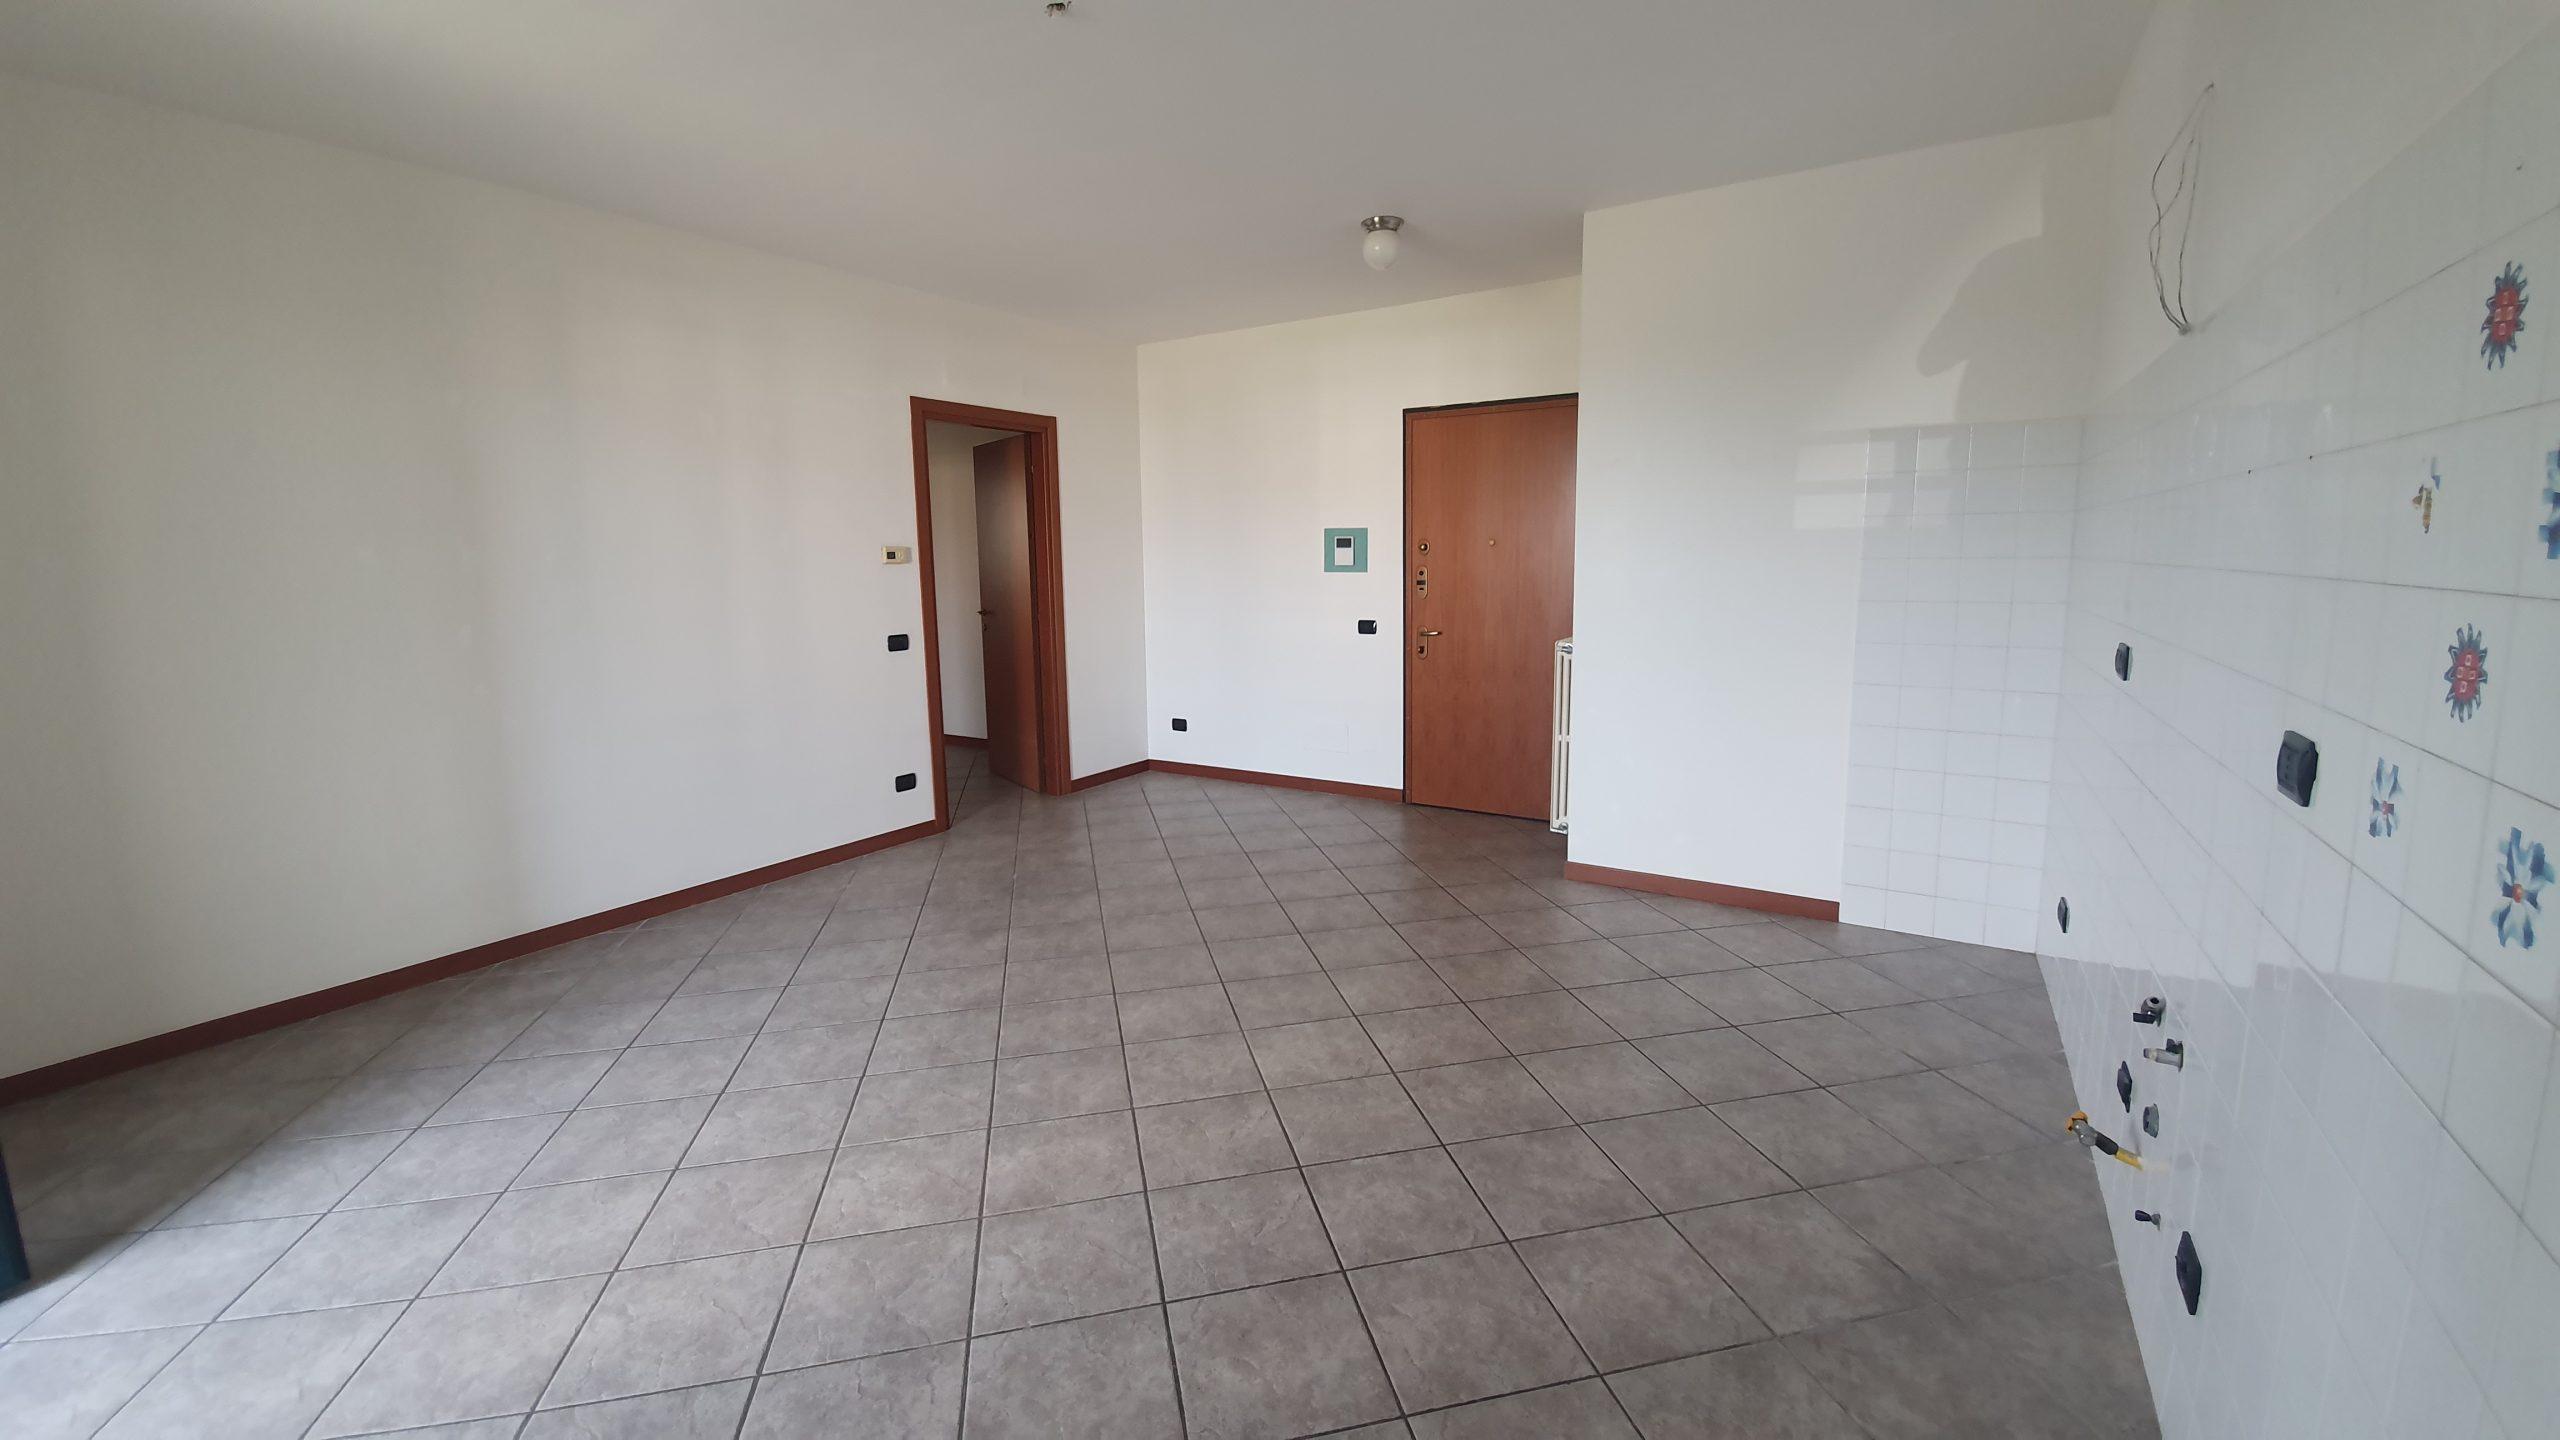 Appartamento trilocale in vendita a Tornavento, Lonate Pozzolo